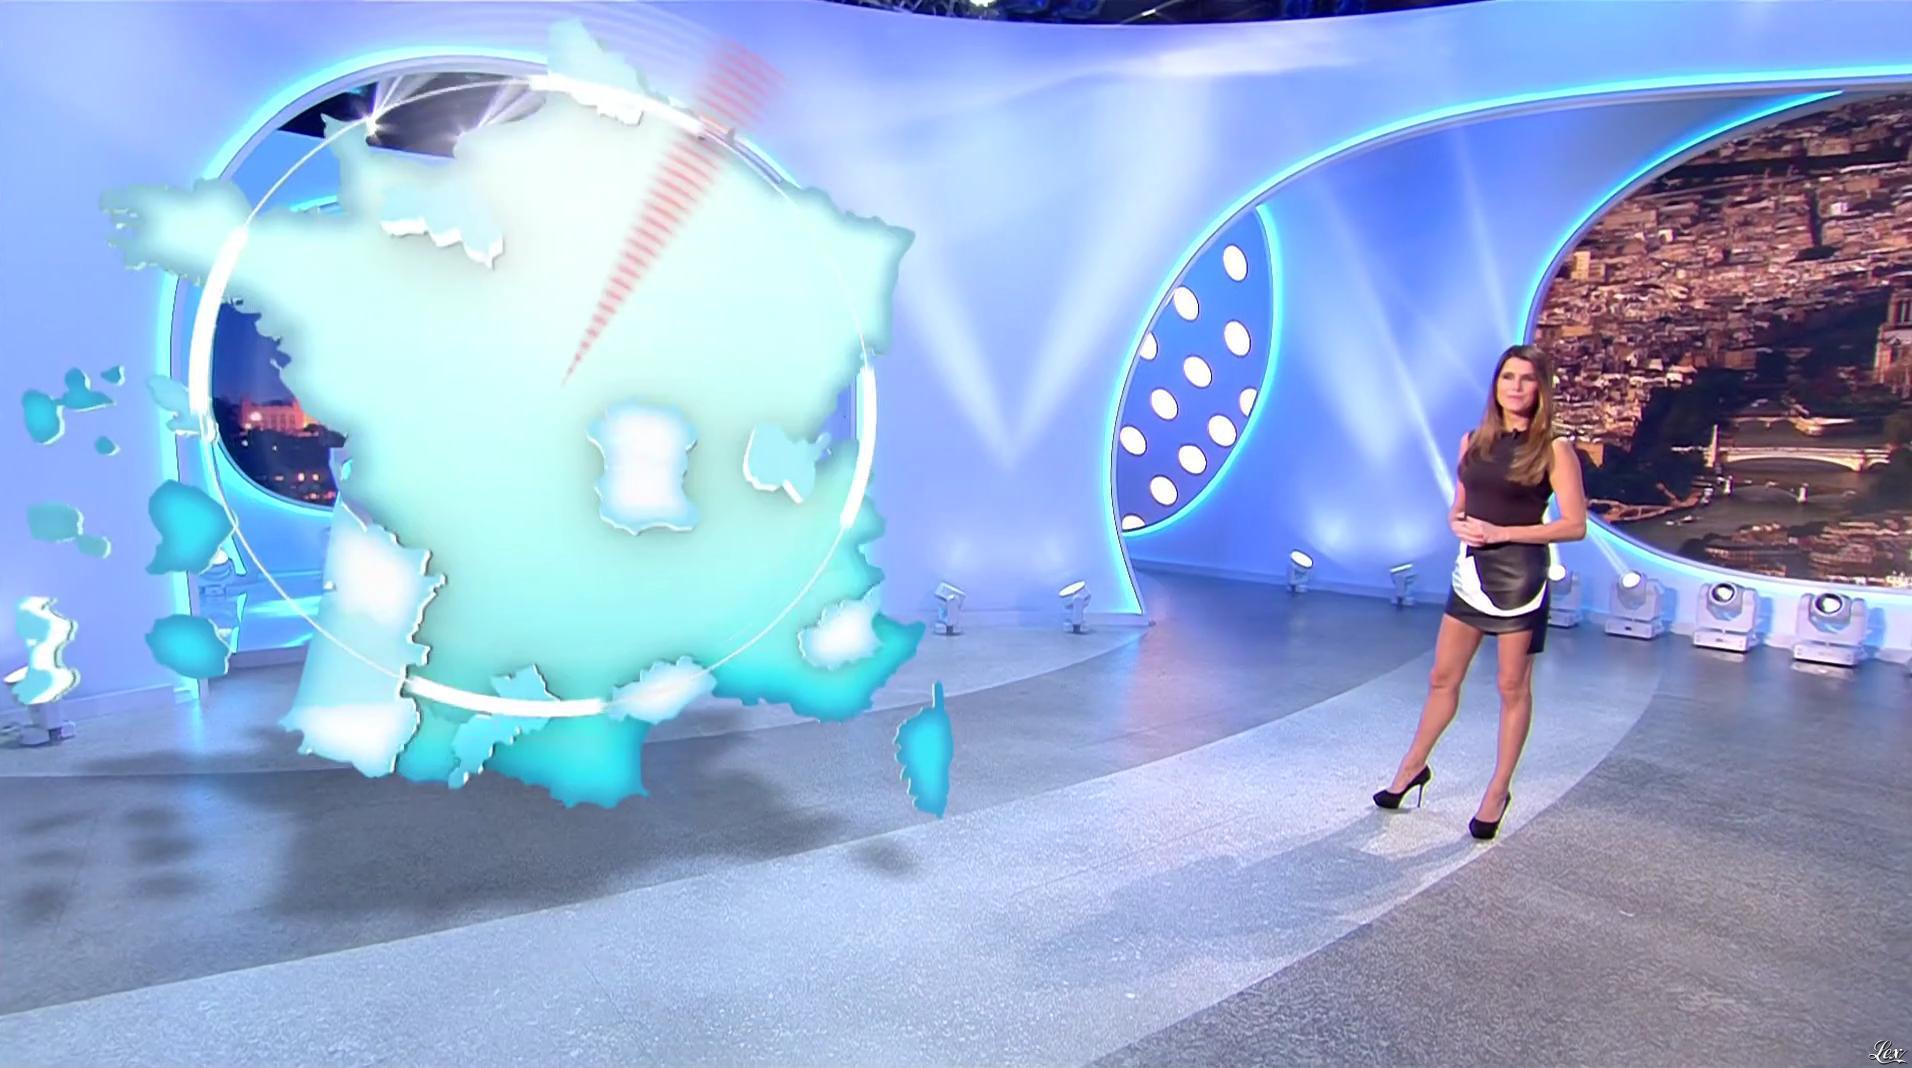 Karine Ferri lors du Tirage du Loto. Diffusé à la télévision le 28/11/16.